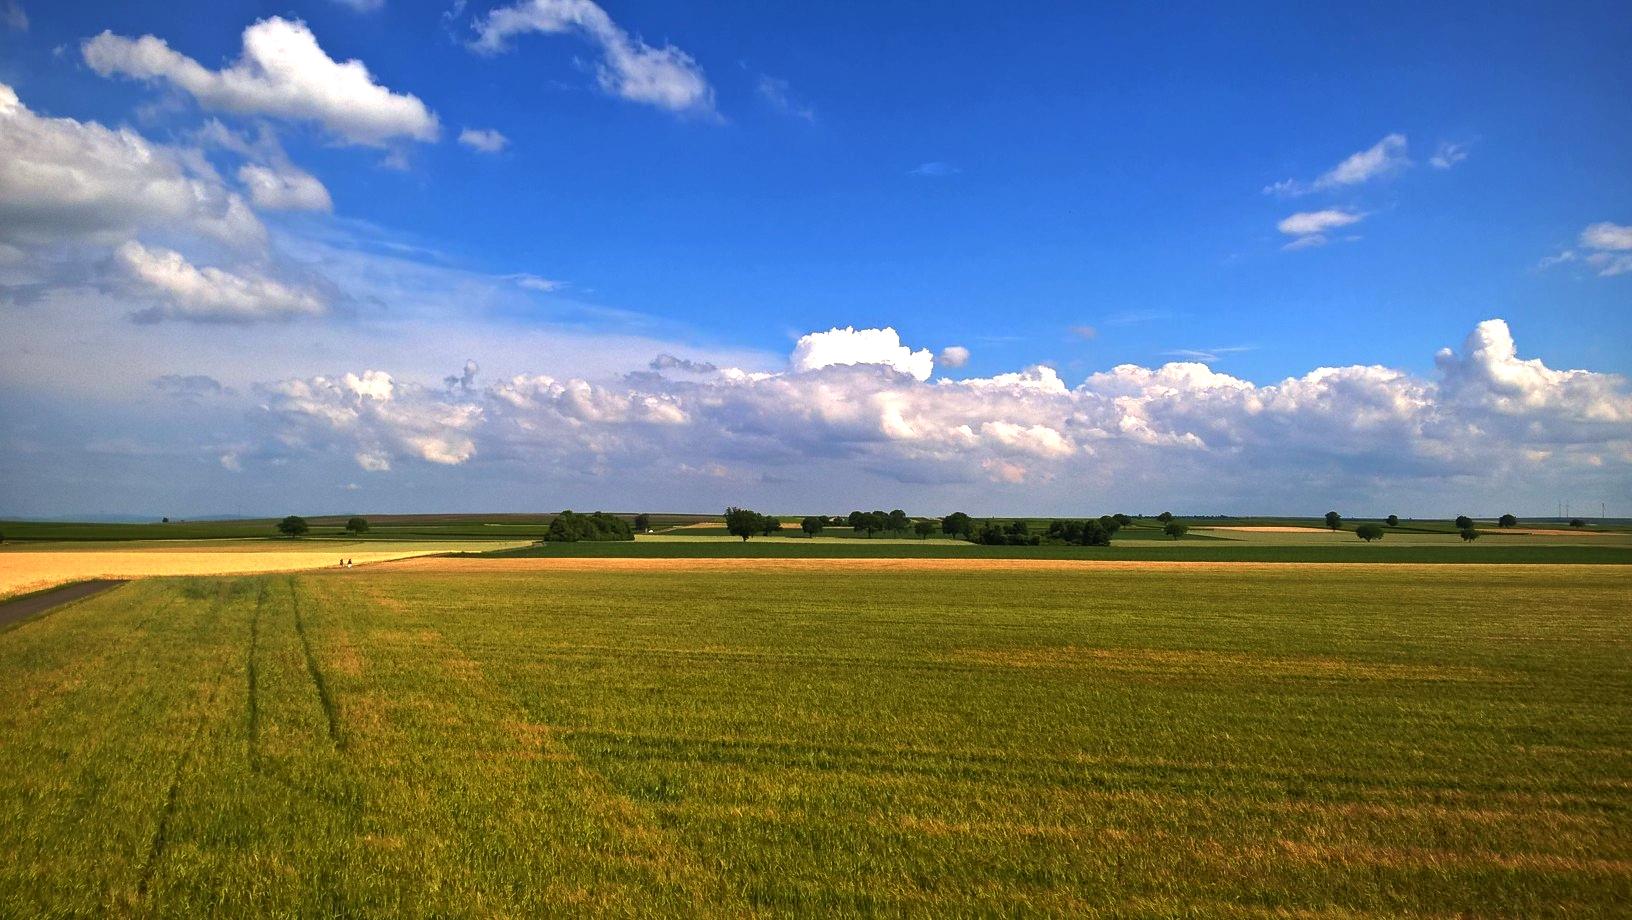 Sommer in Rheinhessen- Landschaftsaufnahme ©arque